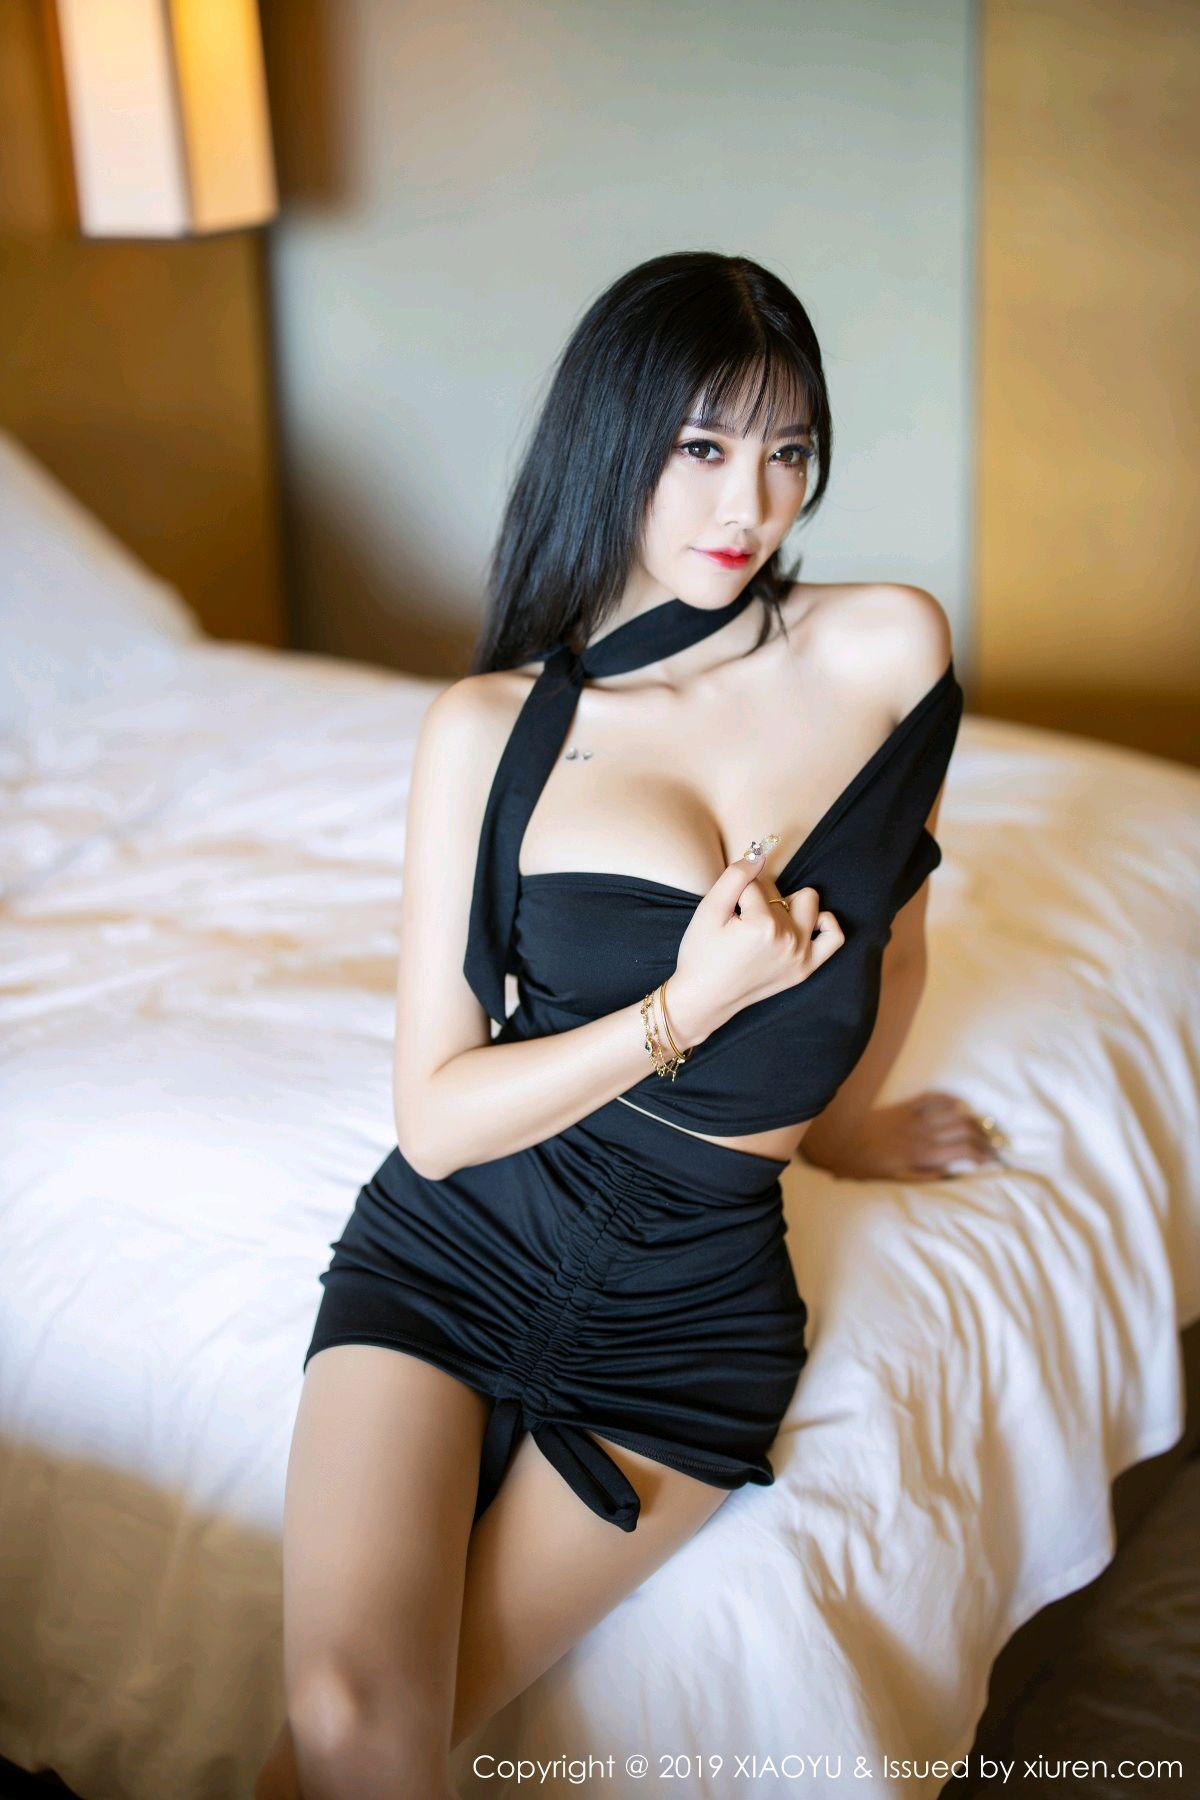 [XiaoYu] Vol.134 Yang Chen Chen 14P, Tall, Underwear, XiaoYu, Yang Chen Chen